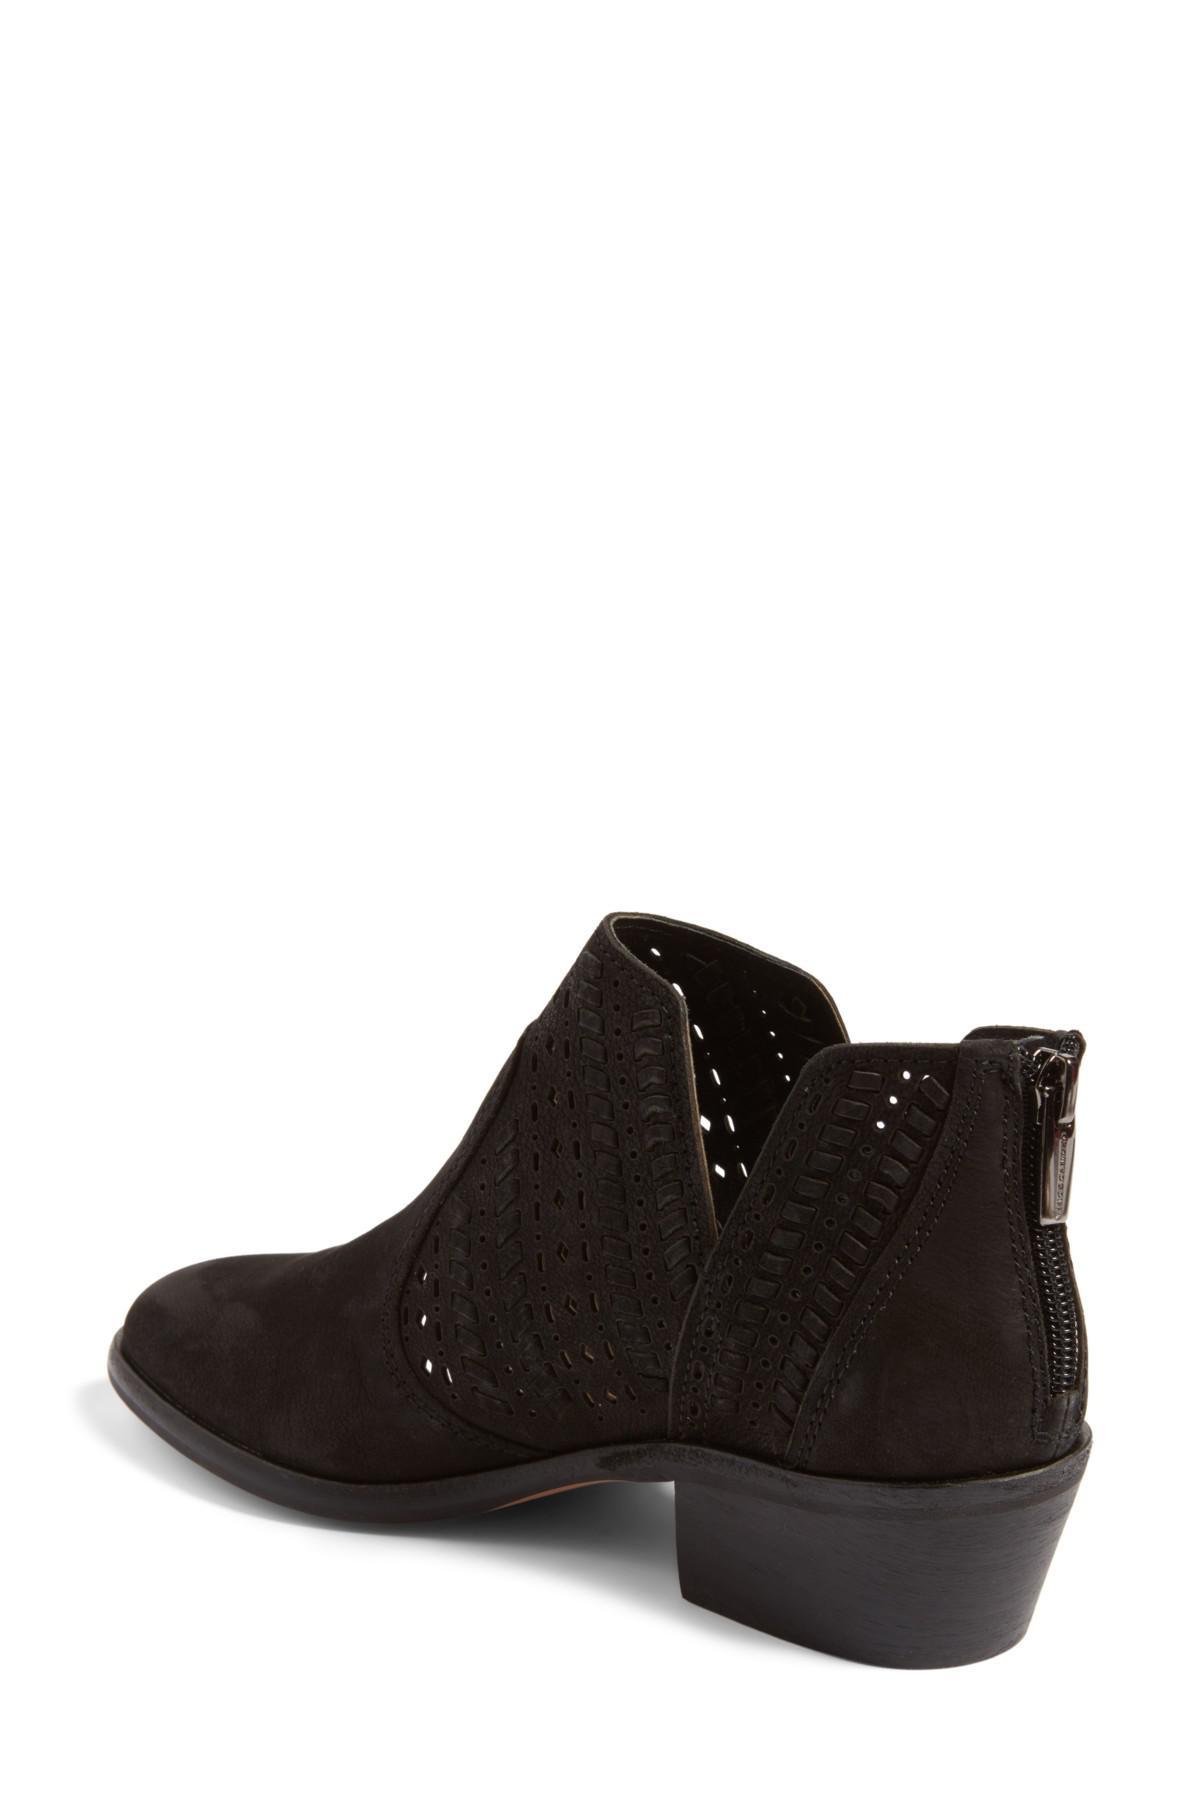 3dacbf57340e Vince Camuto - Black Prasata Boots - Lyst. View fullscreen